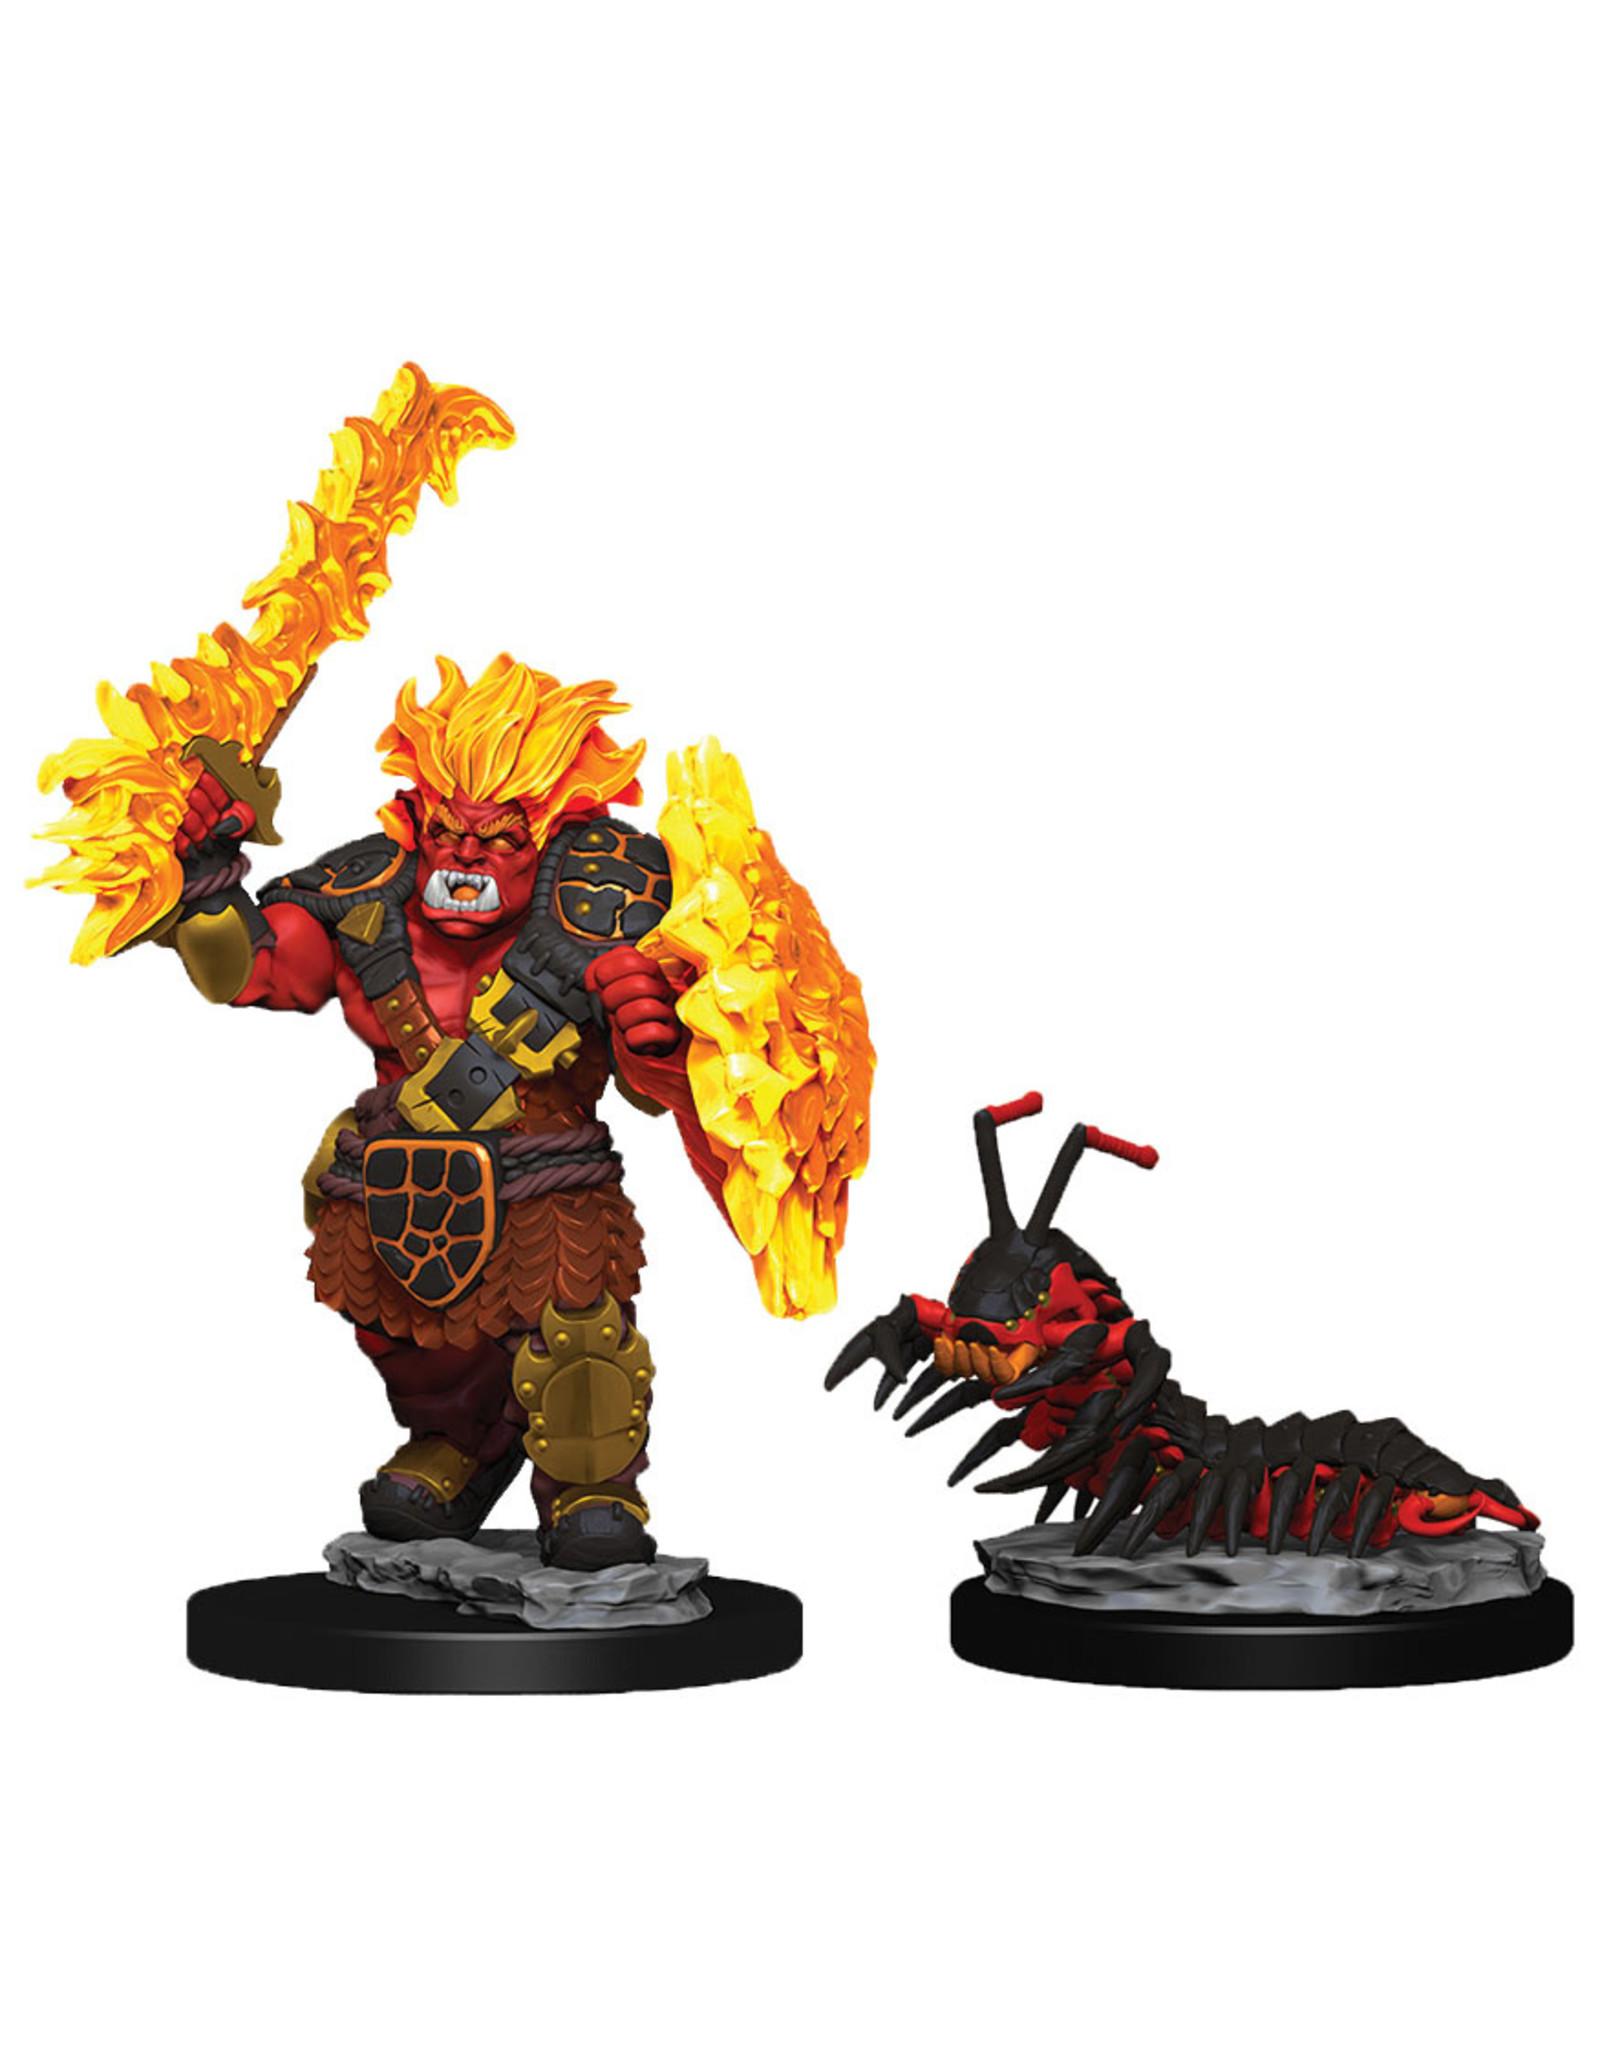 Wiz Kids WizKids Wardlings: W4 Fire Orc & Fire Centipede